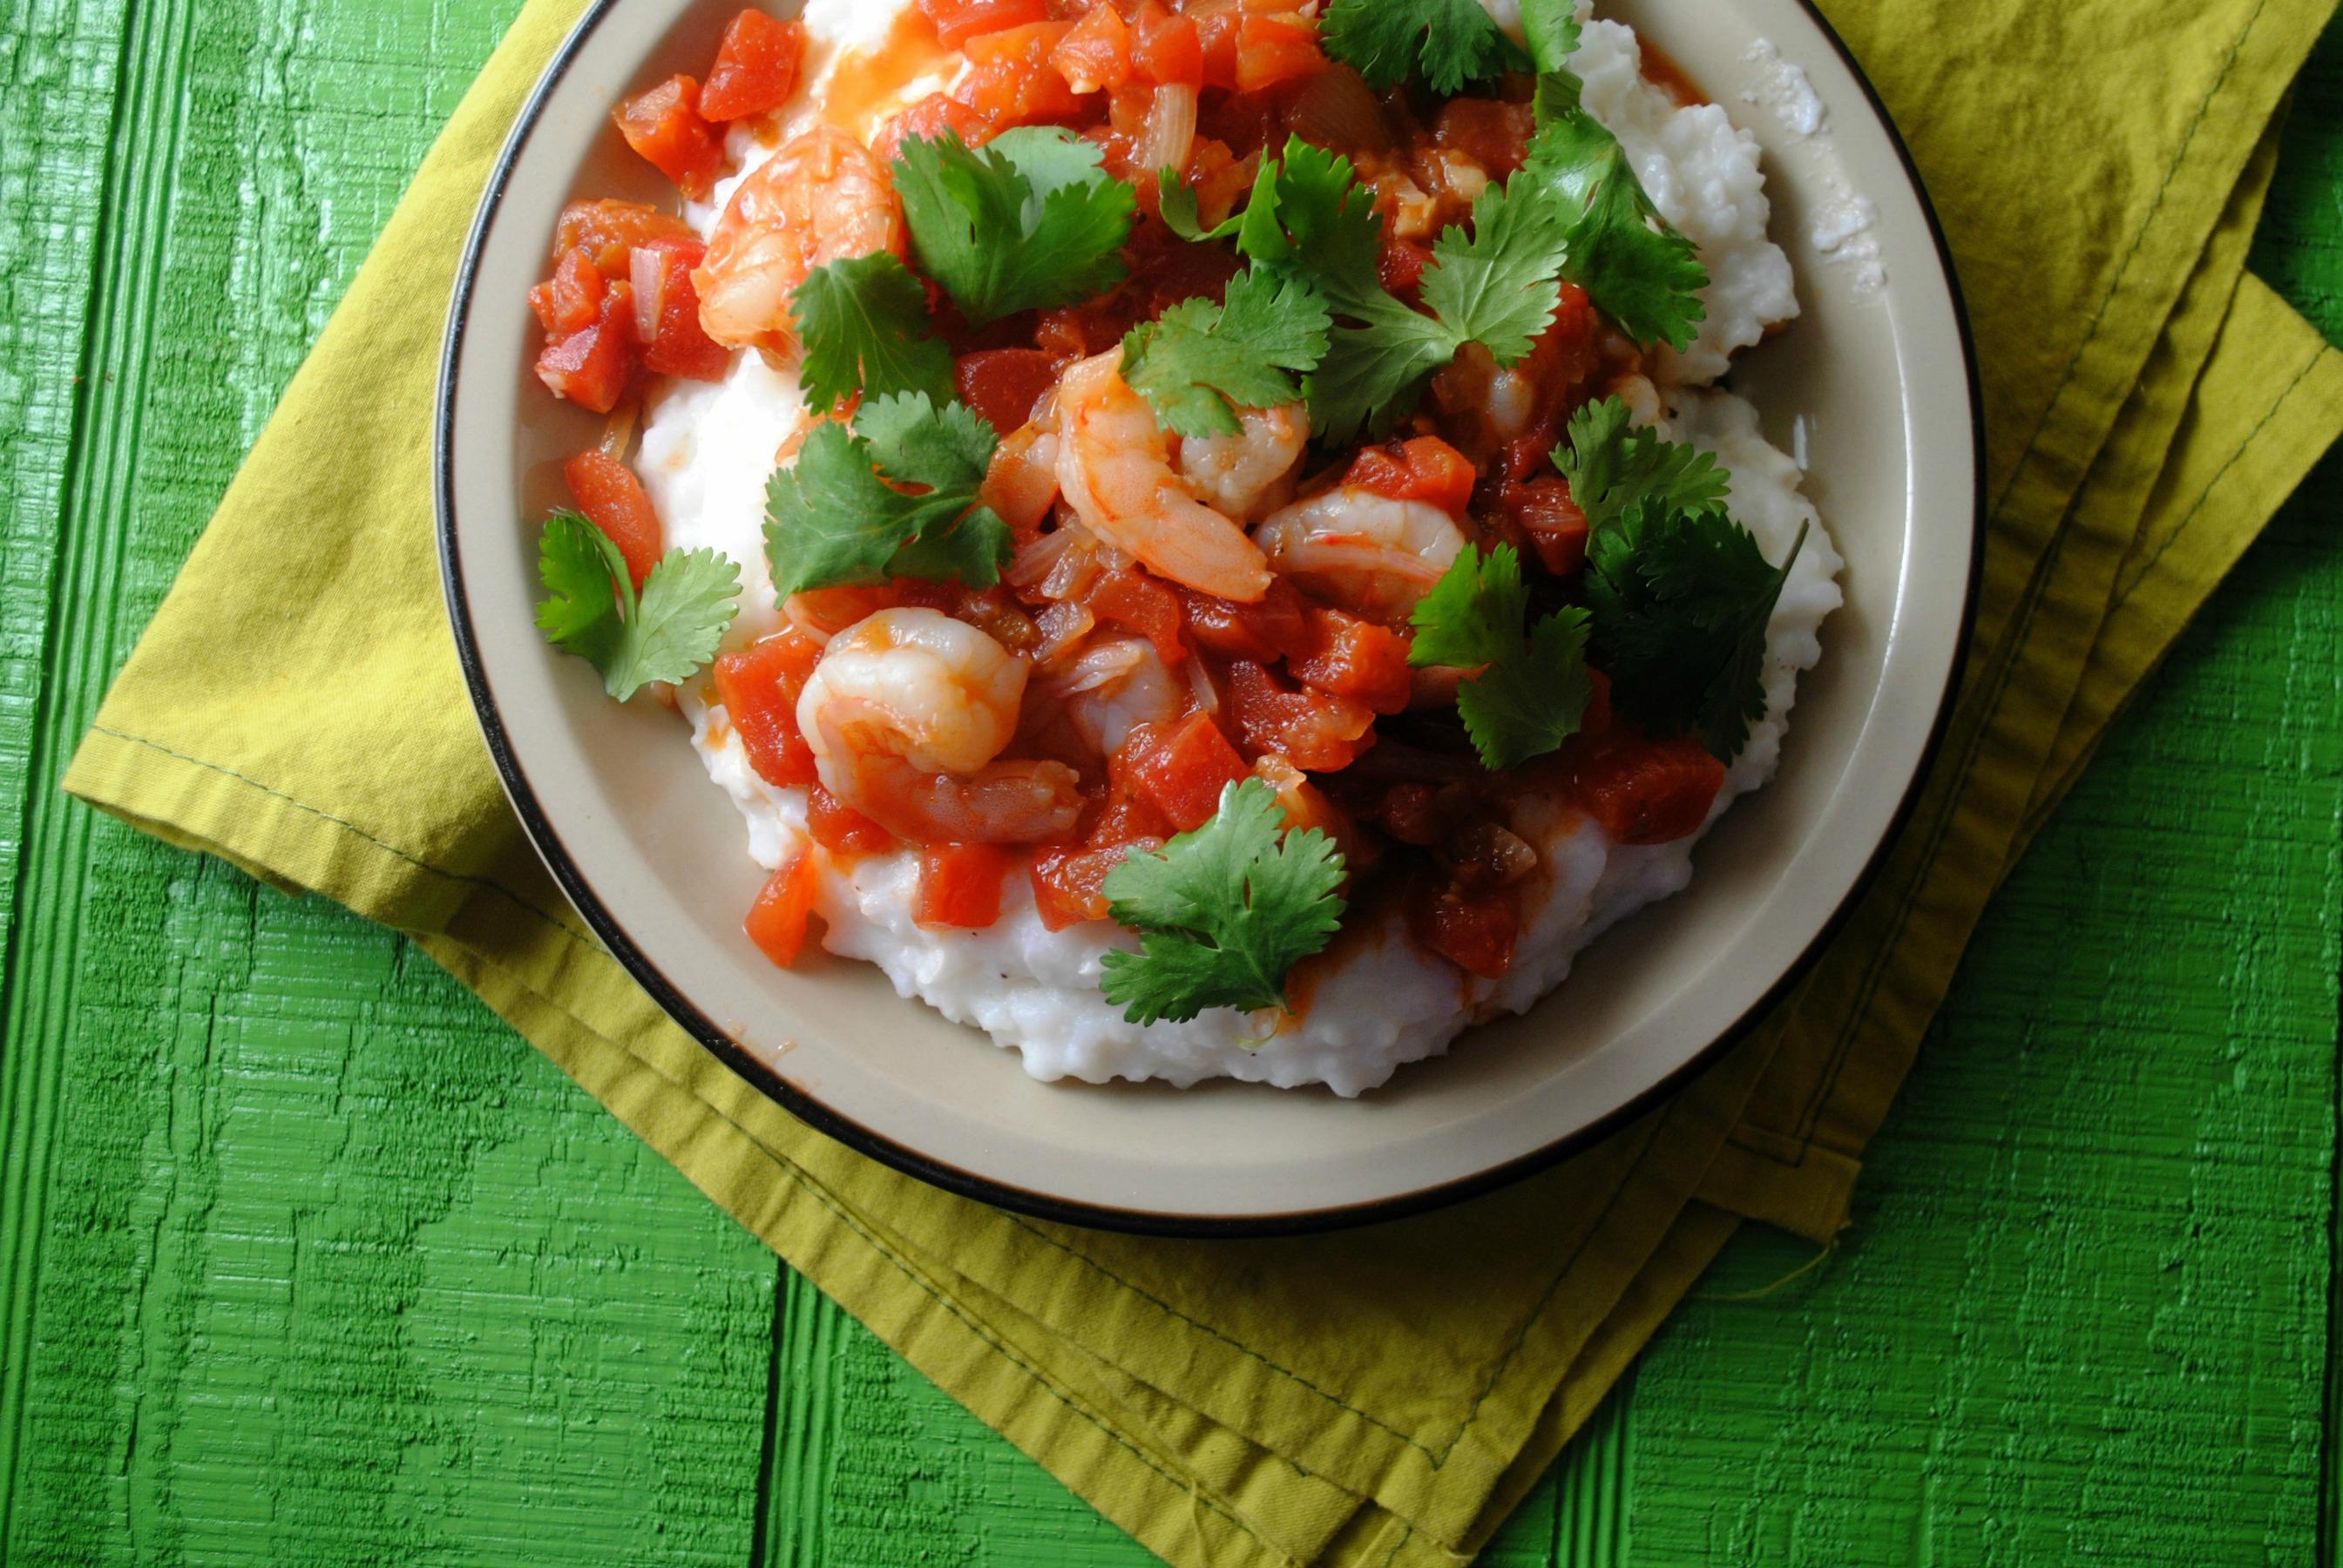 spicy-shrimp-hominy-puree-grits-VianneyRodriguez-sweetlifebake